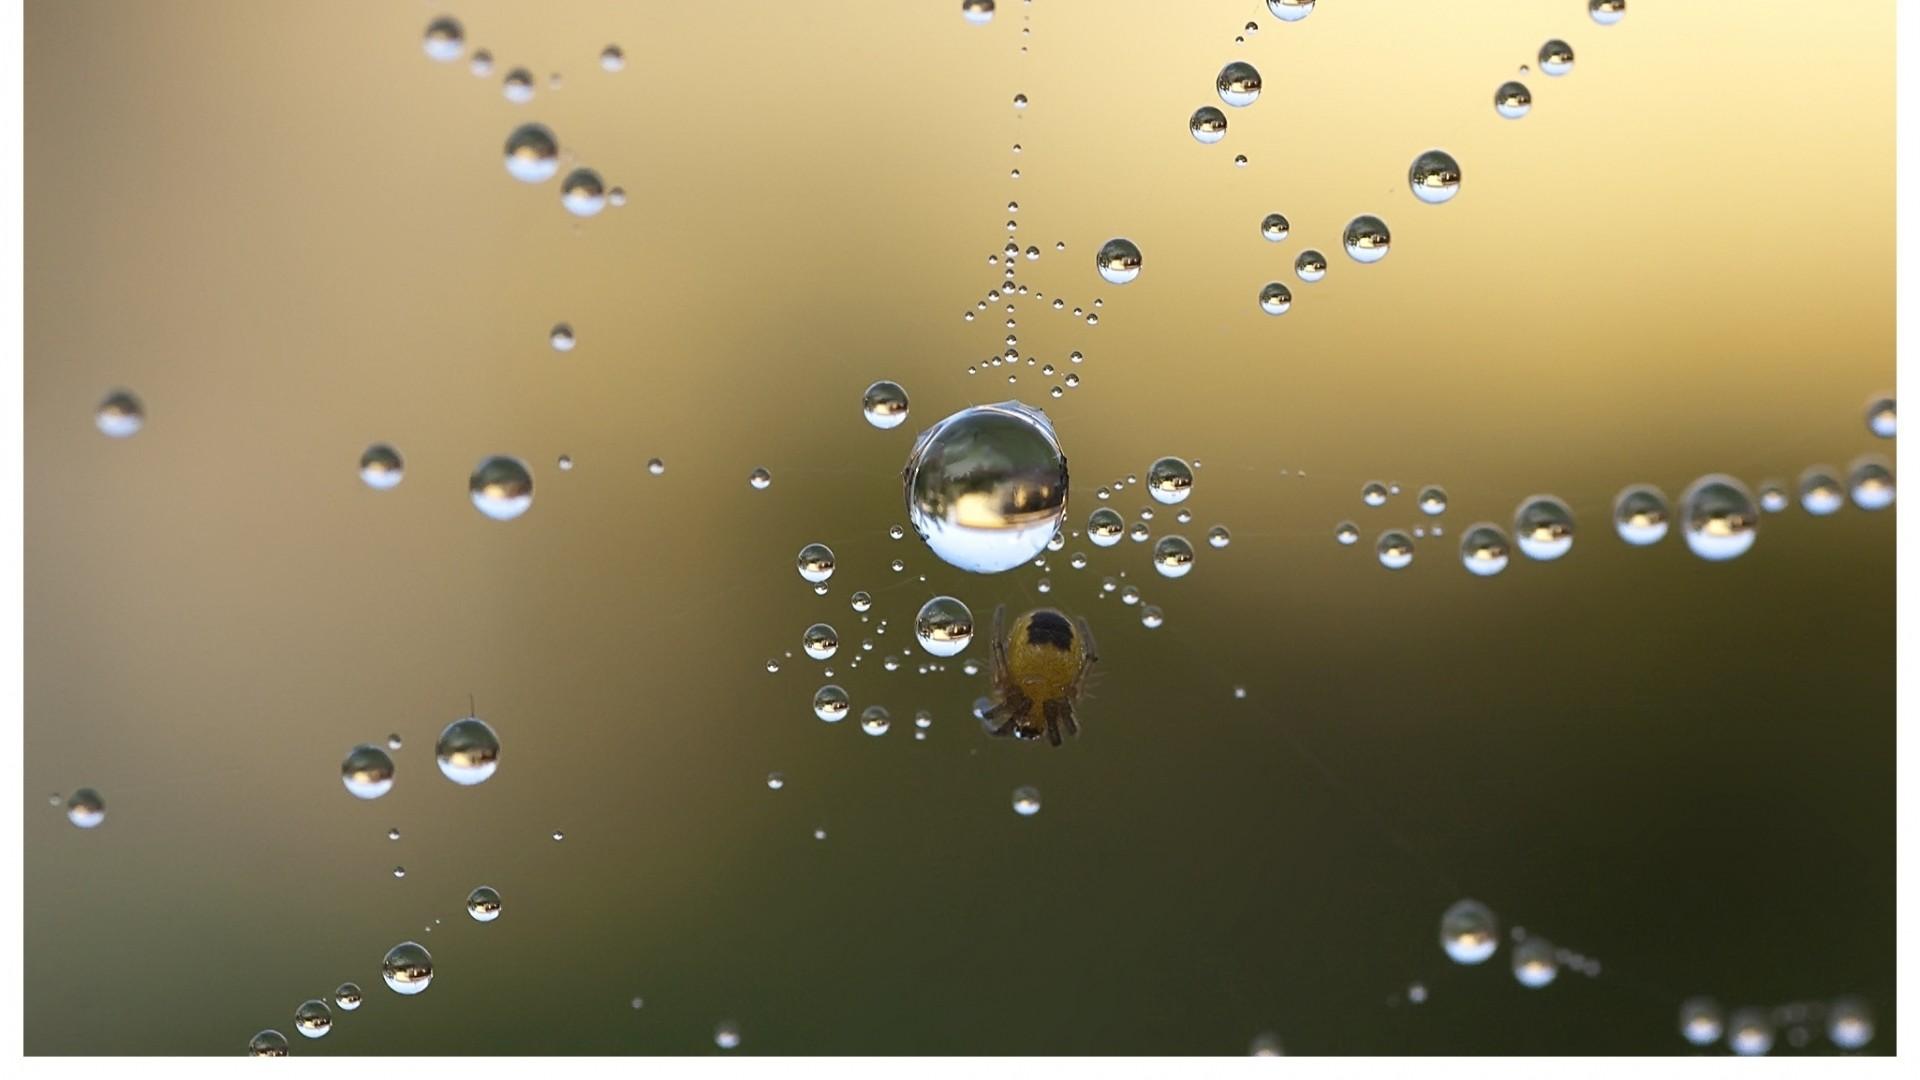 Wallpaper spider, web, drops, dew